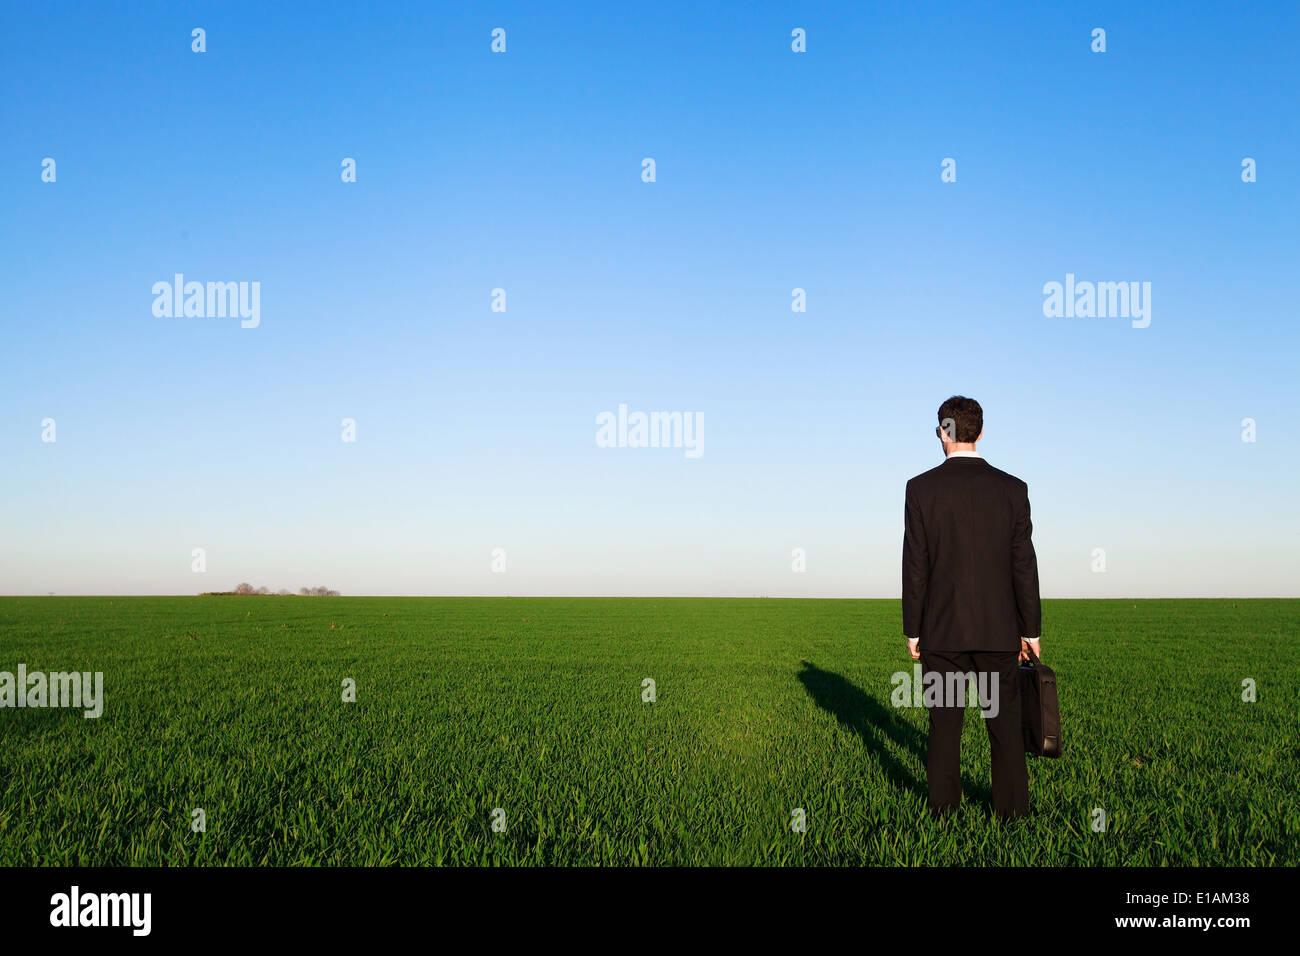 Iniciar nuevos negocios Imagen De Stock